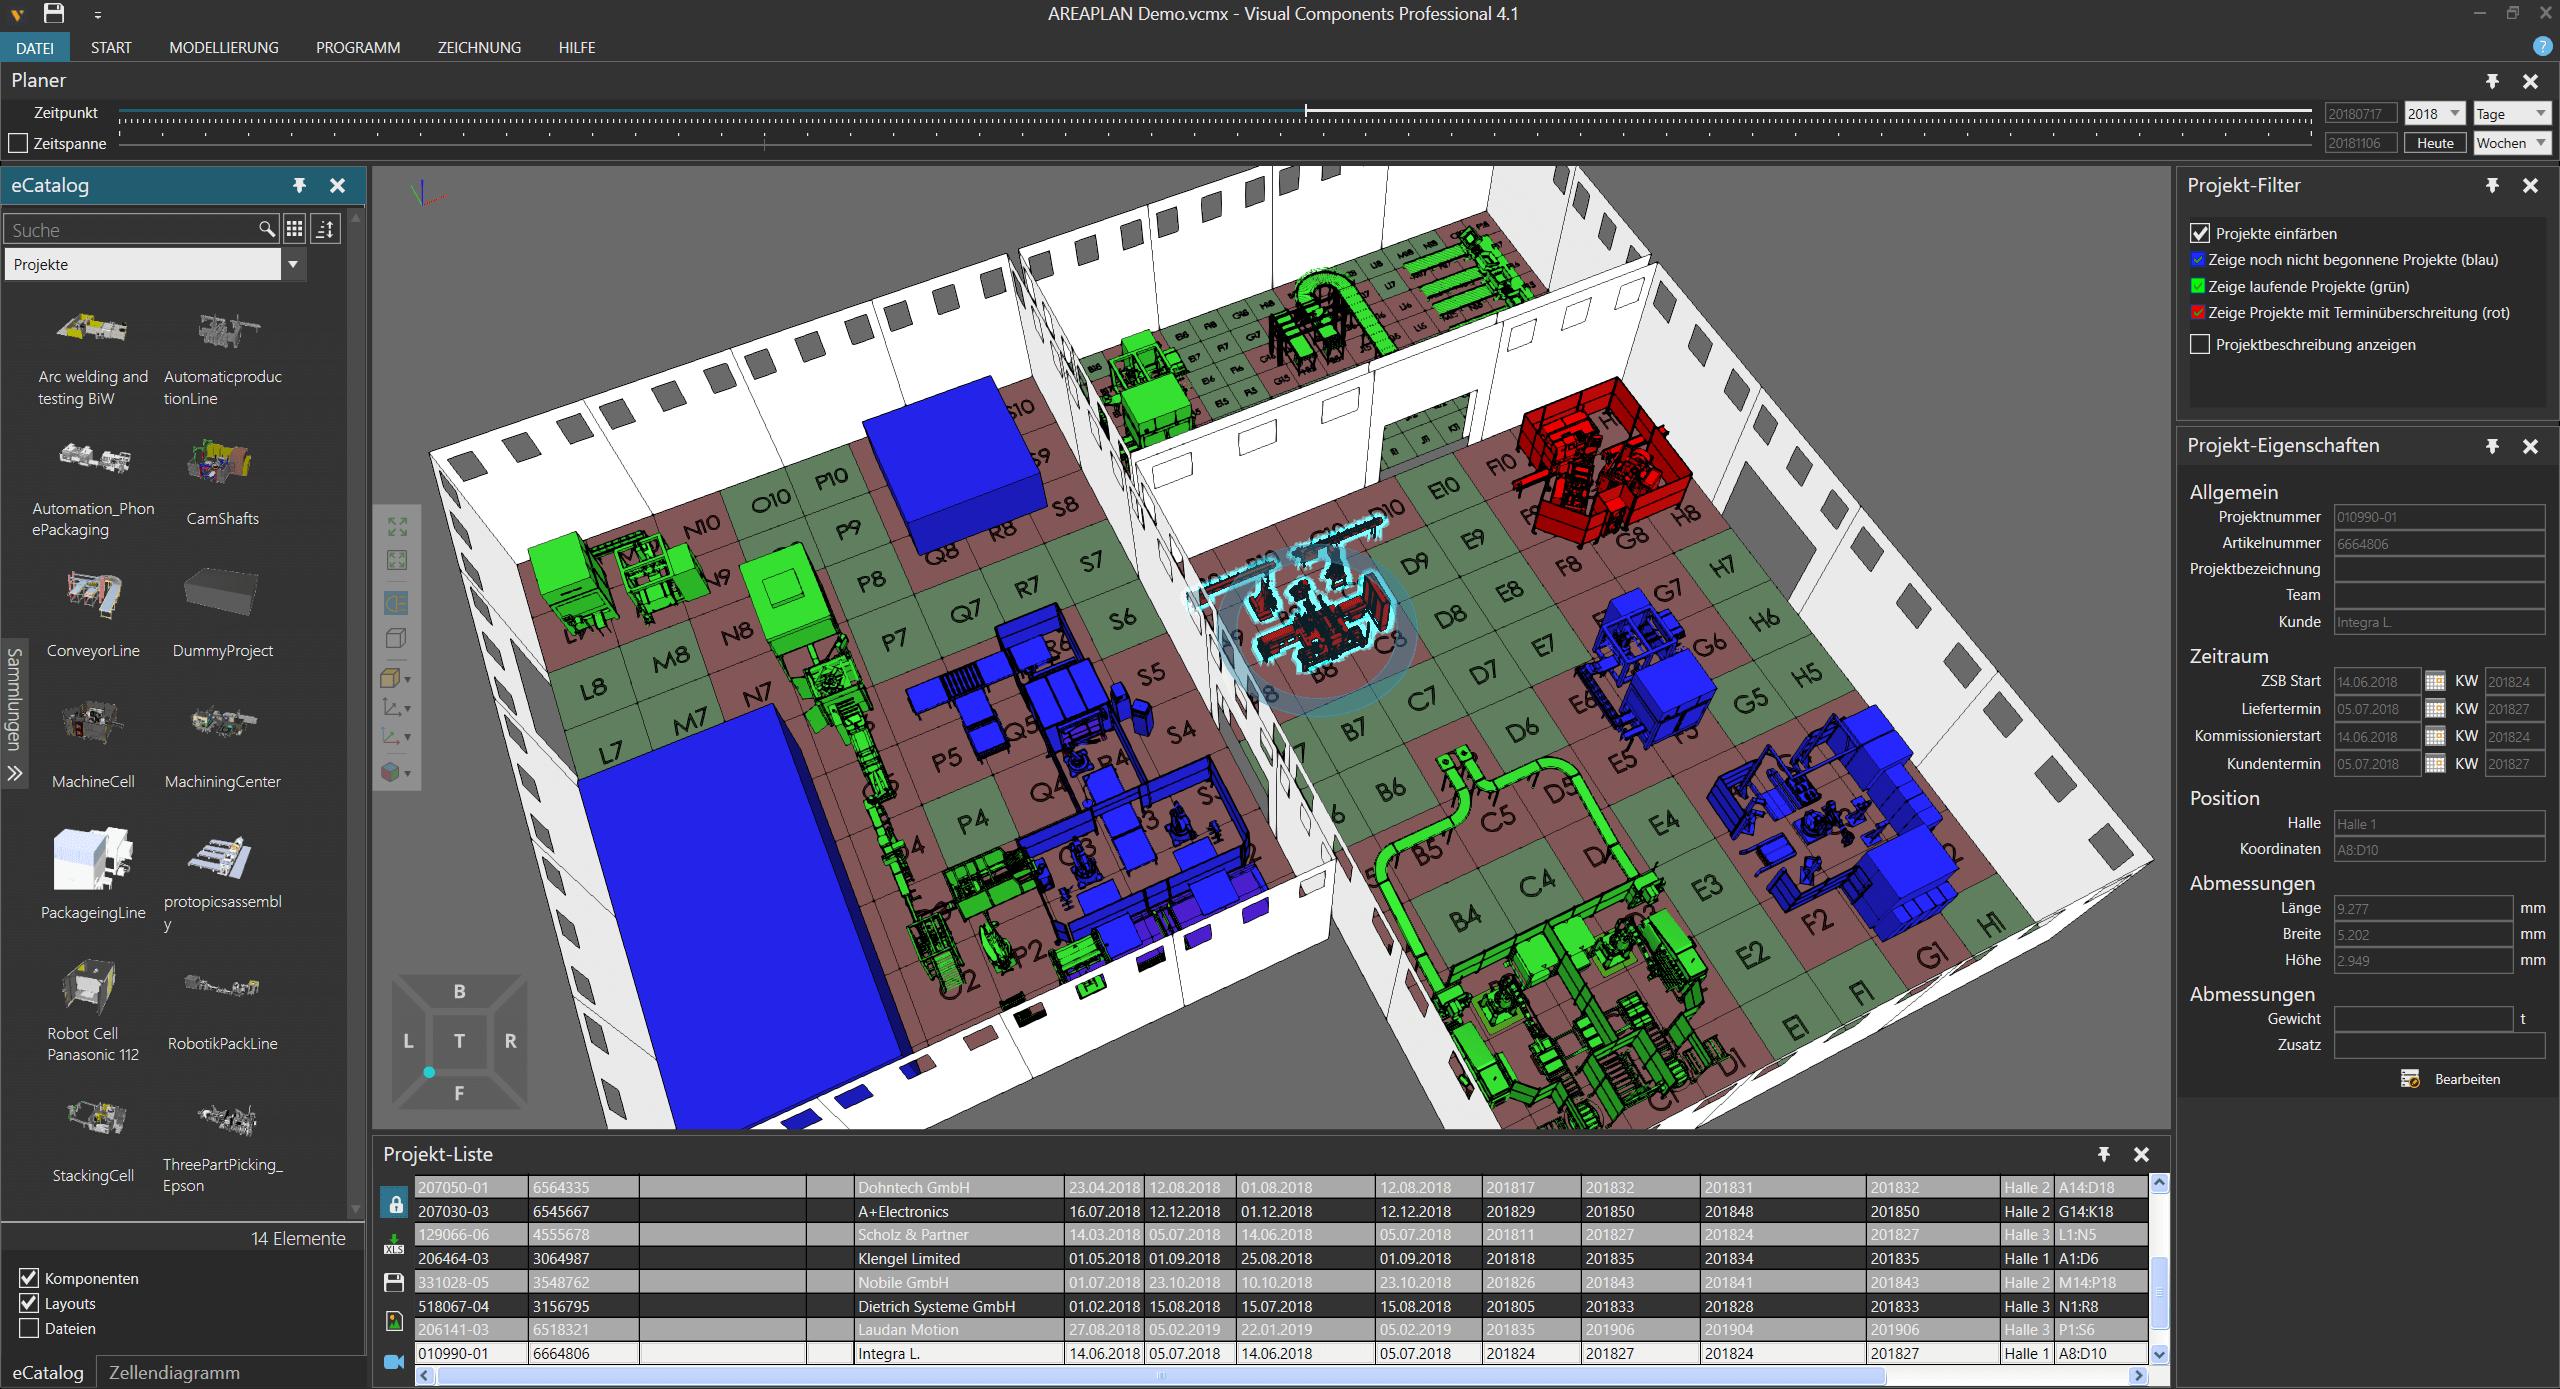 DUALIS präsentiert neue Software zur Fabrikflächenplanung auf der LogiMAT 2019